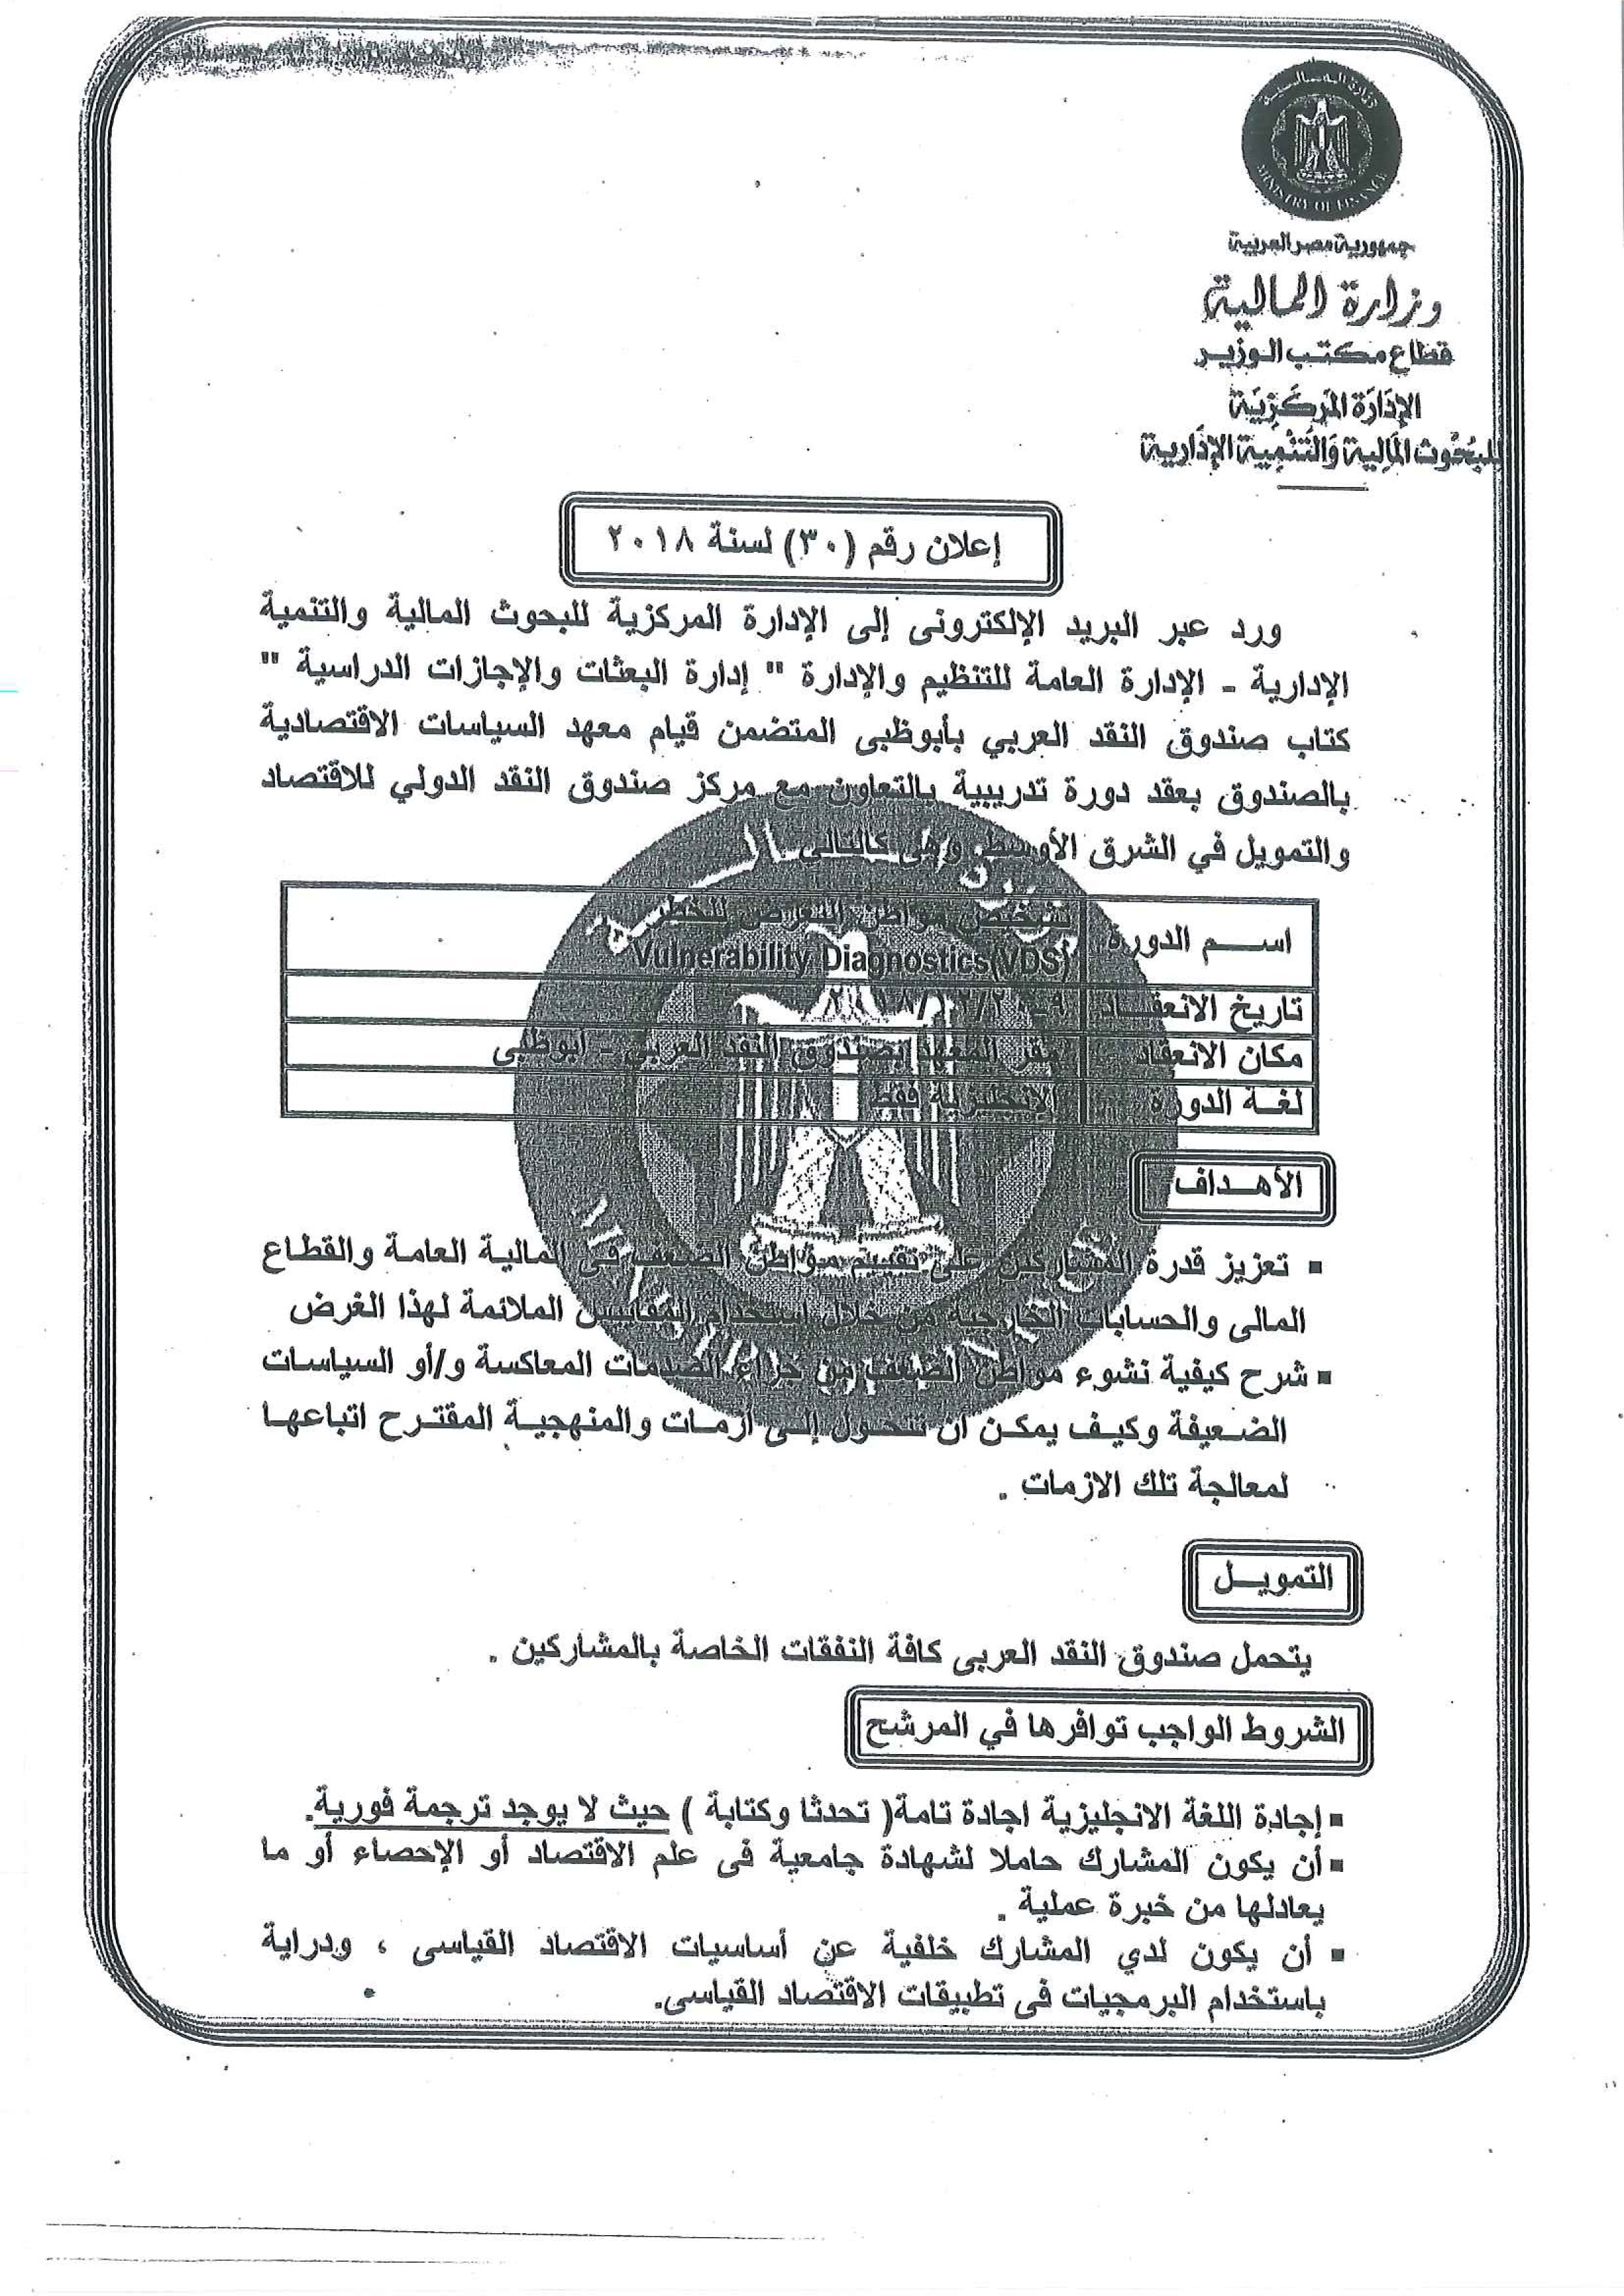 وزارة المالية (2)